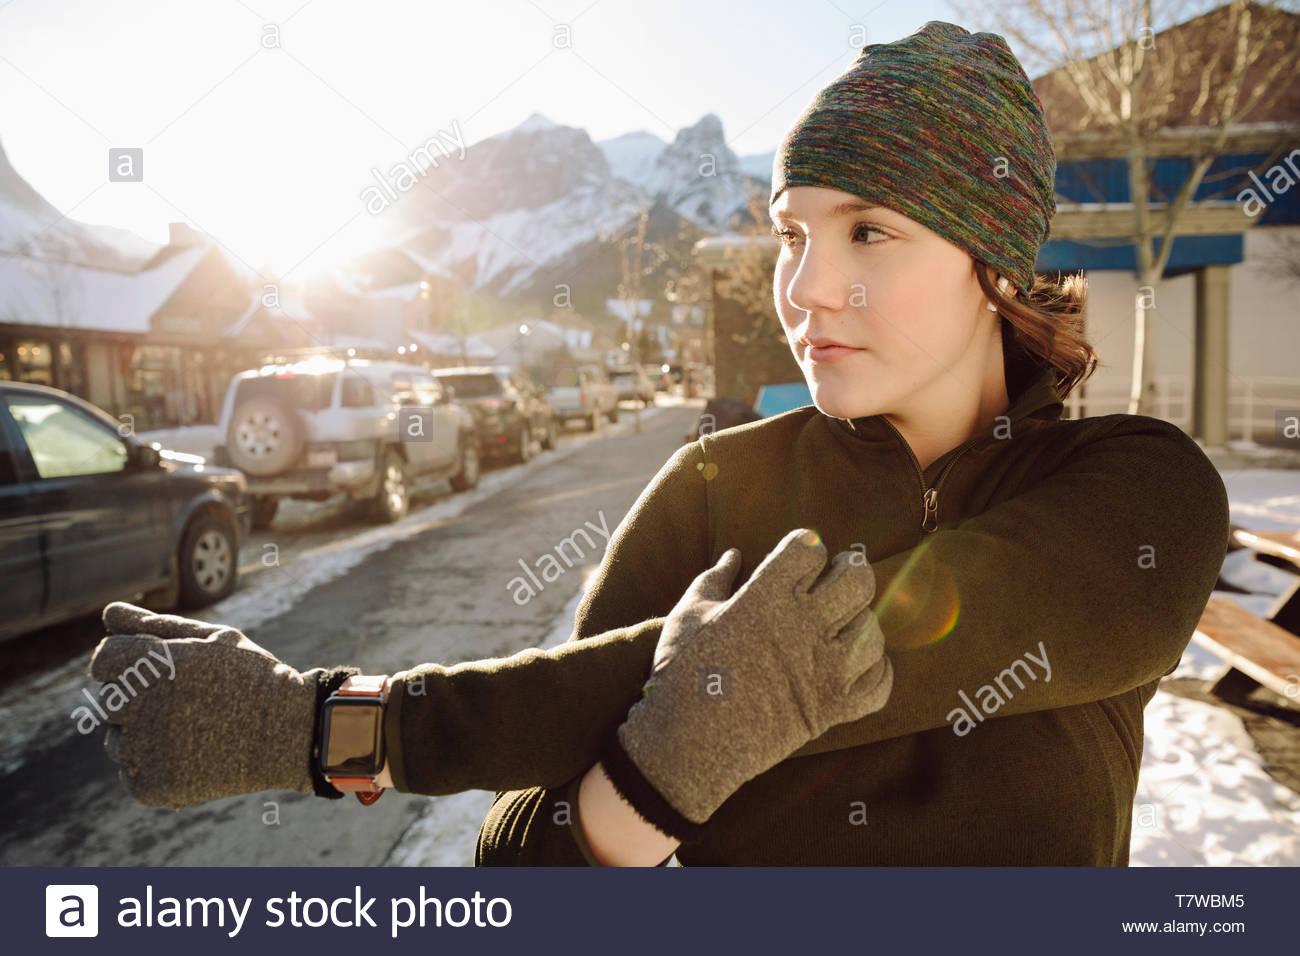 Adolescente runner estirando el brazo en invierno acera Imagen De Stock